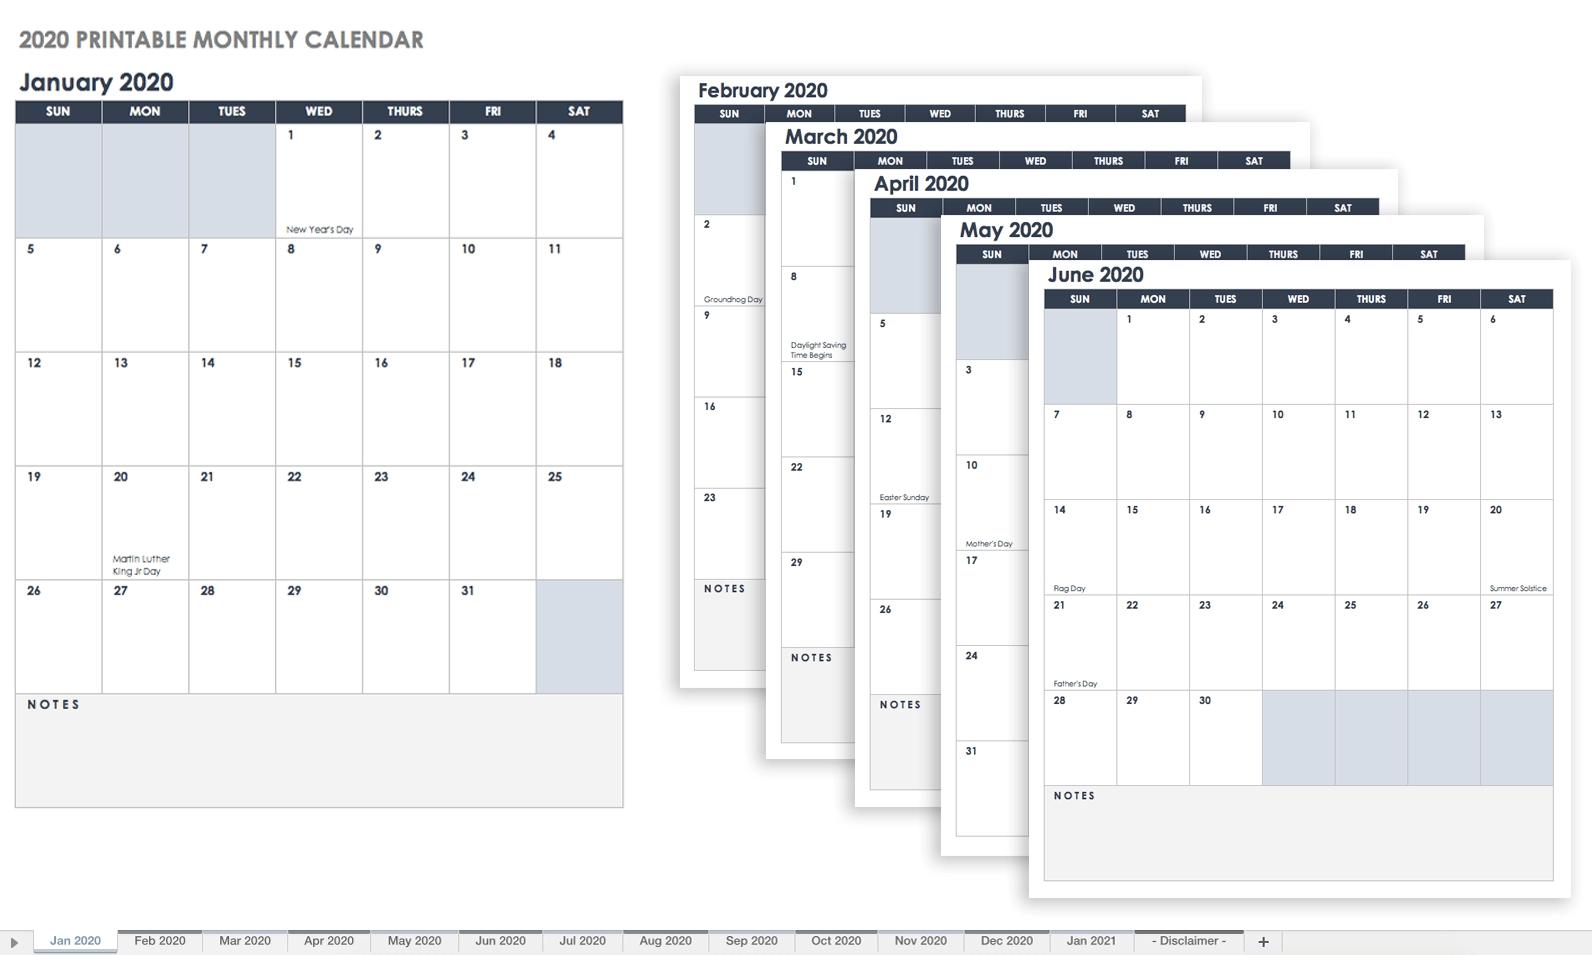 Free Blank Calendar Templates - Smartsheet_Blank Calendar 4 Weeks